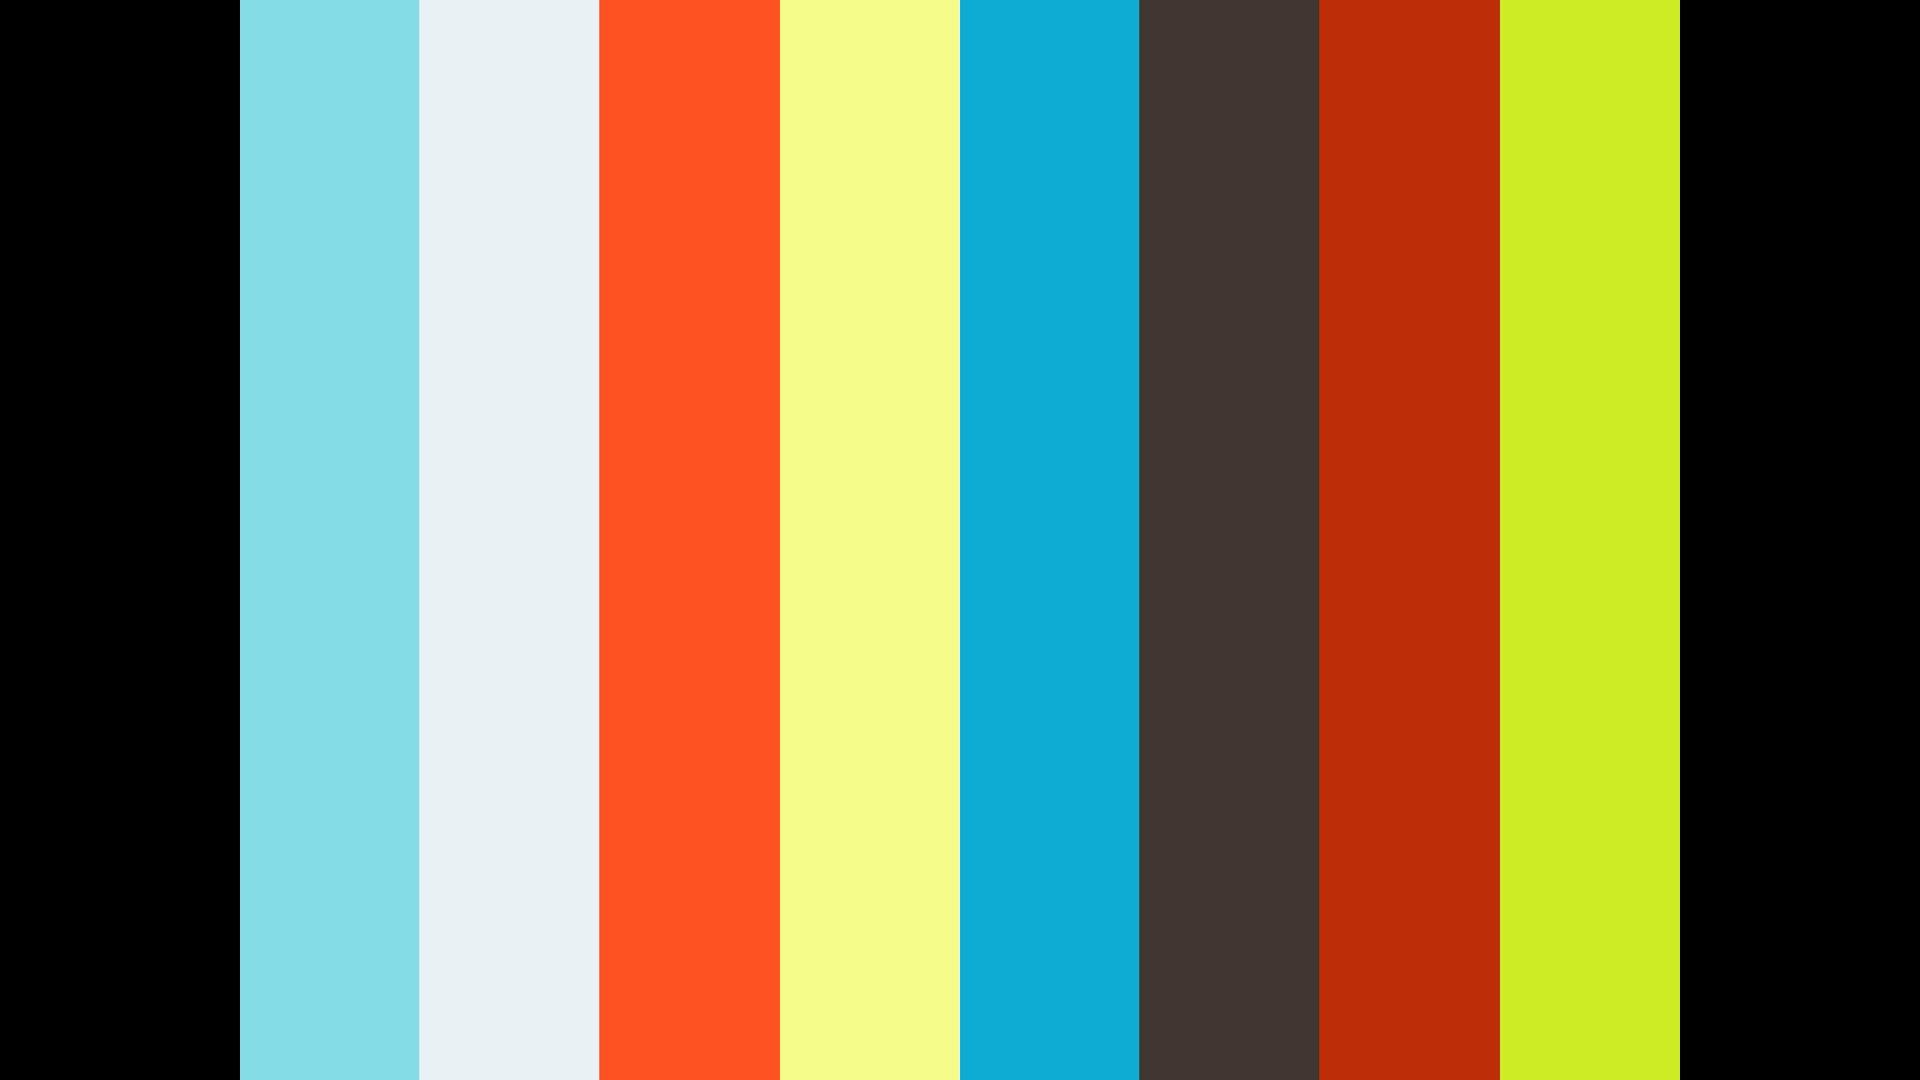 <p><u>Speisezimmer-Programm Cascais</u><br /> Diese Serie vereint Schlichtheit und Extravaganz durch die Kombination von Metall mit Massivholz. Vitrineneins&auml;tze mit integrierter Beleuchtung lockern die Front auf und die Griffe unterstreichen das geradlinige Design. Die Schalensessel gibt es in 3 Mikrofaserbez&uuml;gen und 2 Fu&szlig;varianten. Der Tisch steht auf schweren Trapezkufen und ist in 3 Gr&ouml;&szlig;en lieferbar.</p>